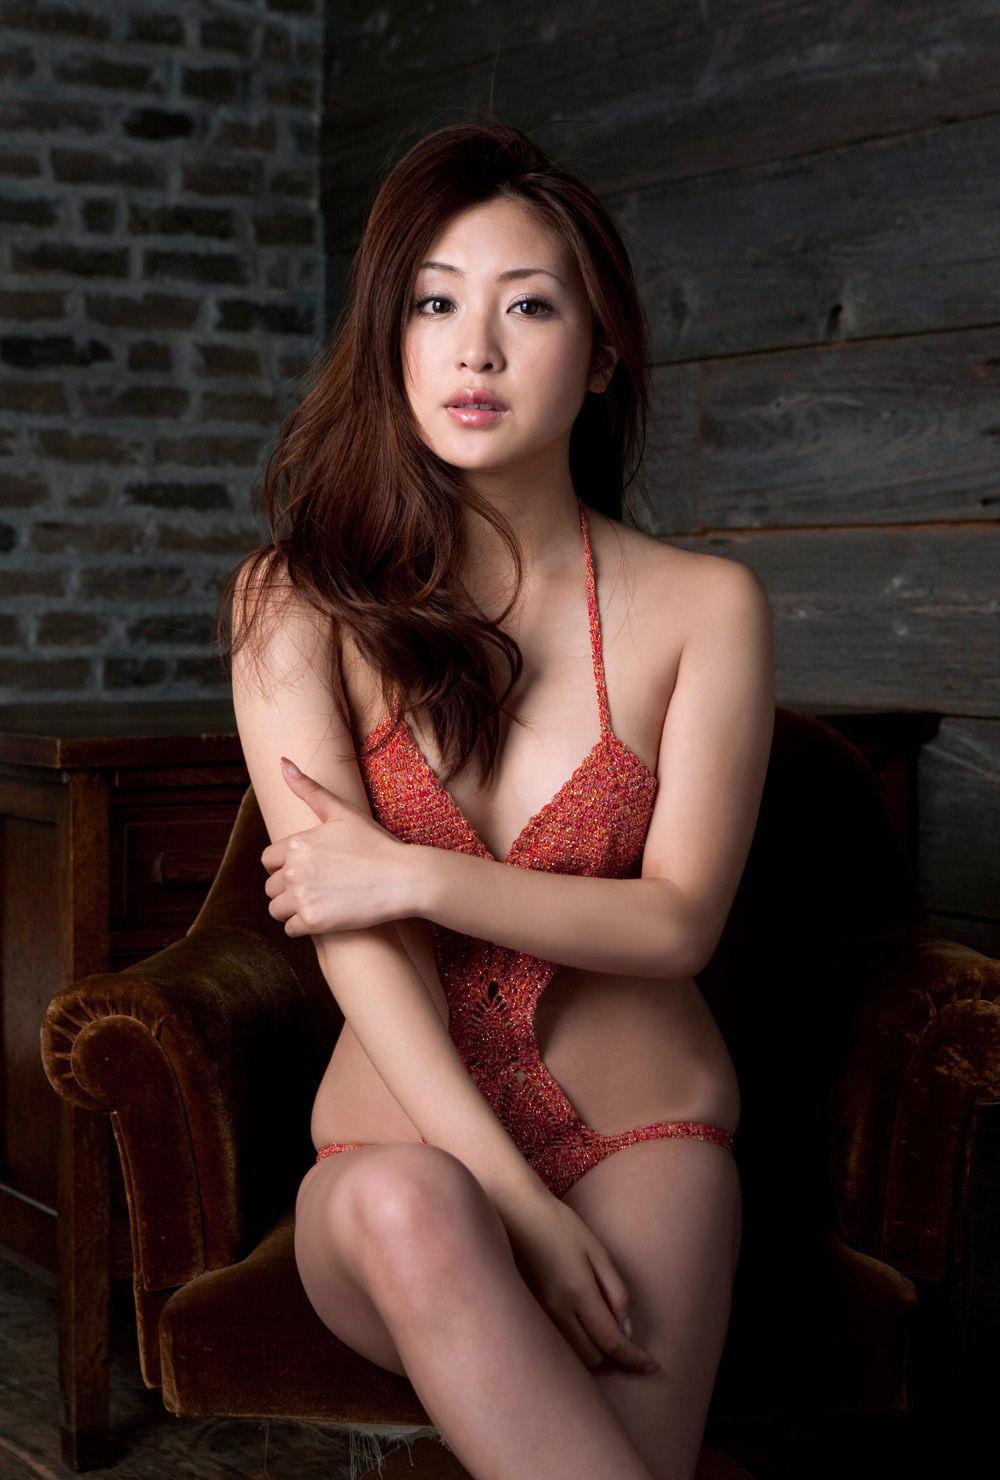 辰巳奈都子 画像 掲示板 53